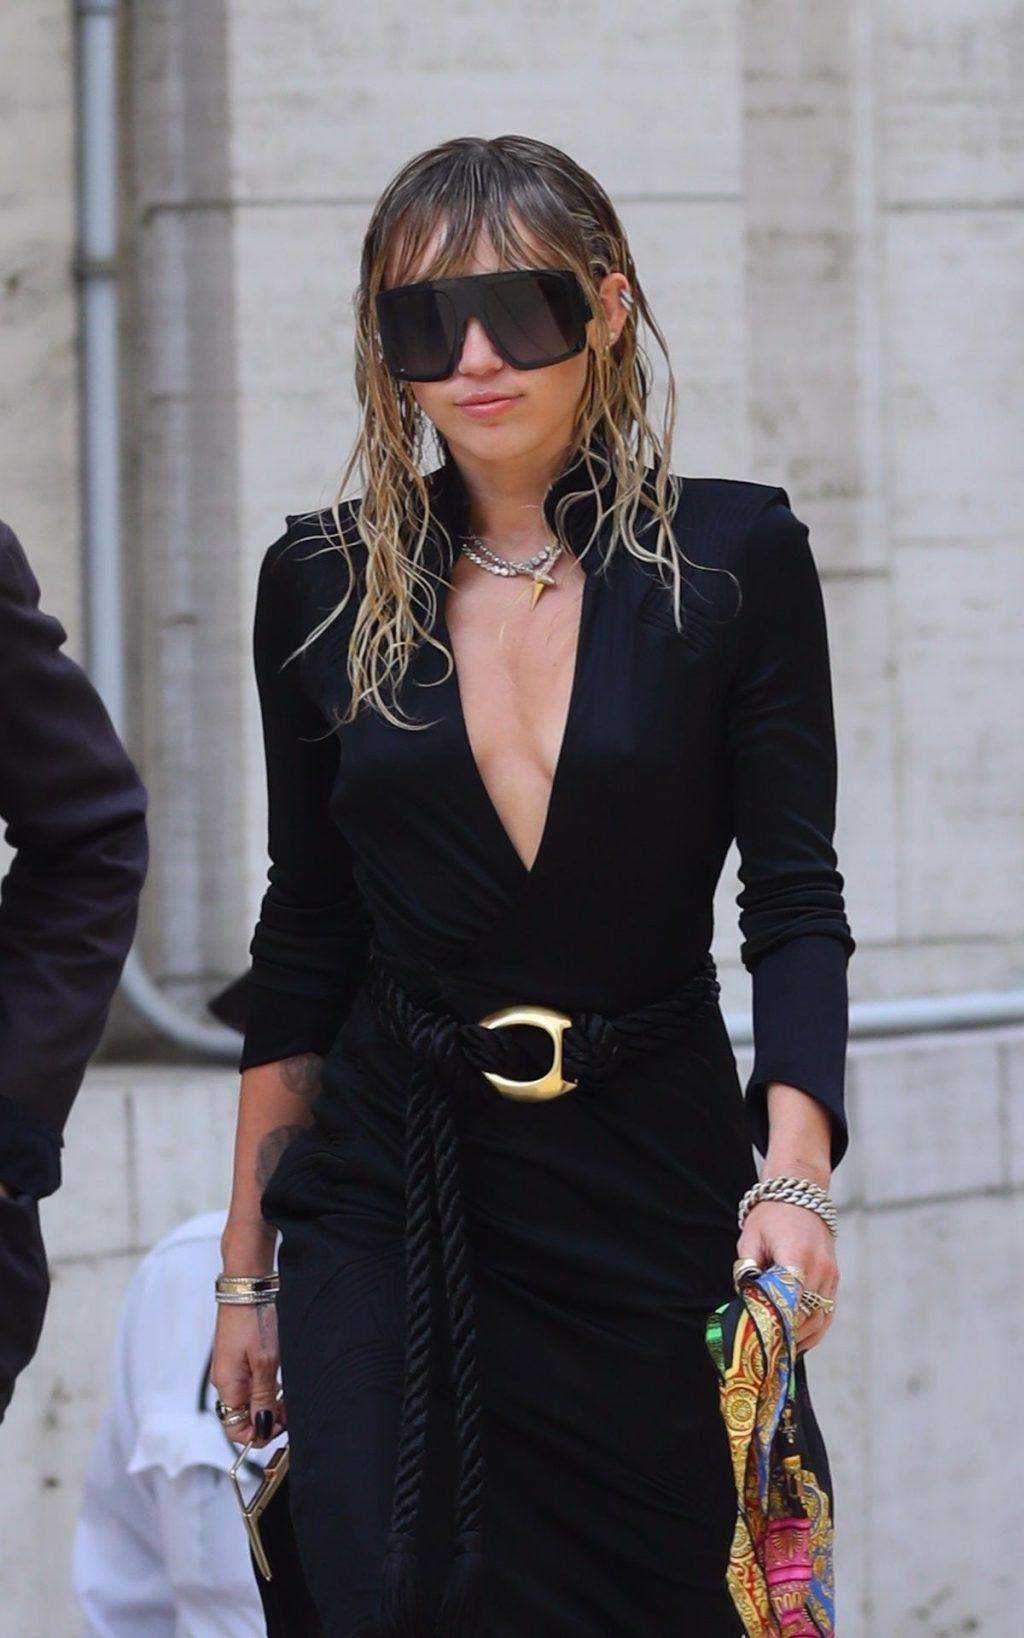 Miley Cyrus Cleavage